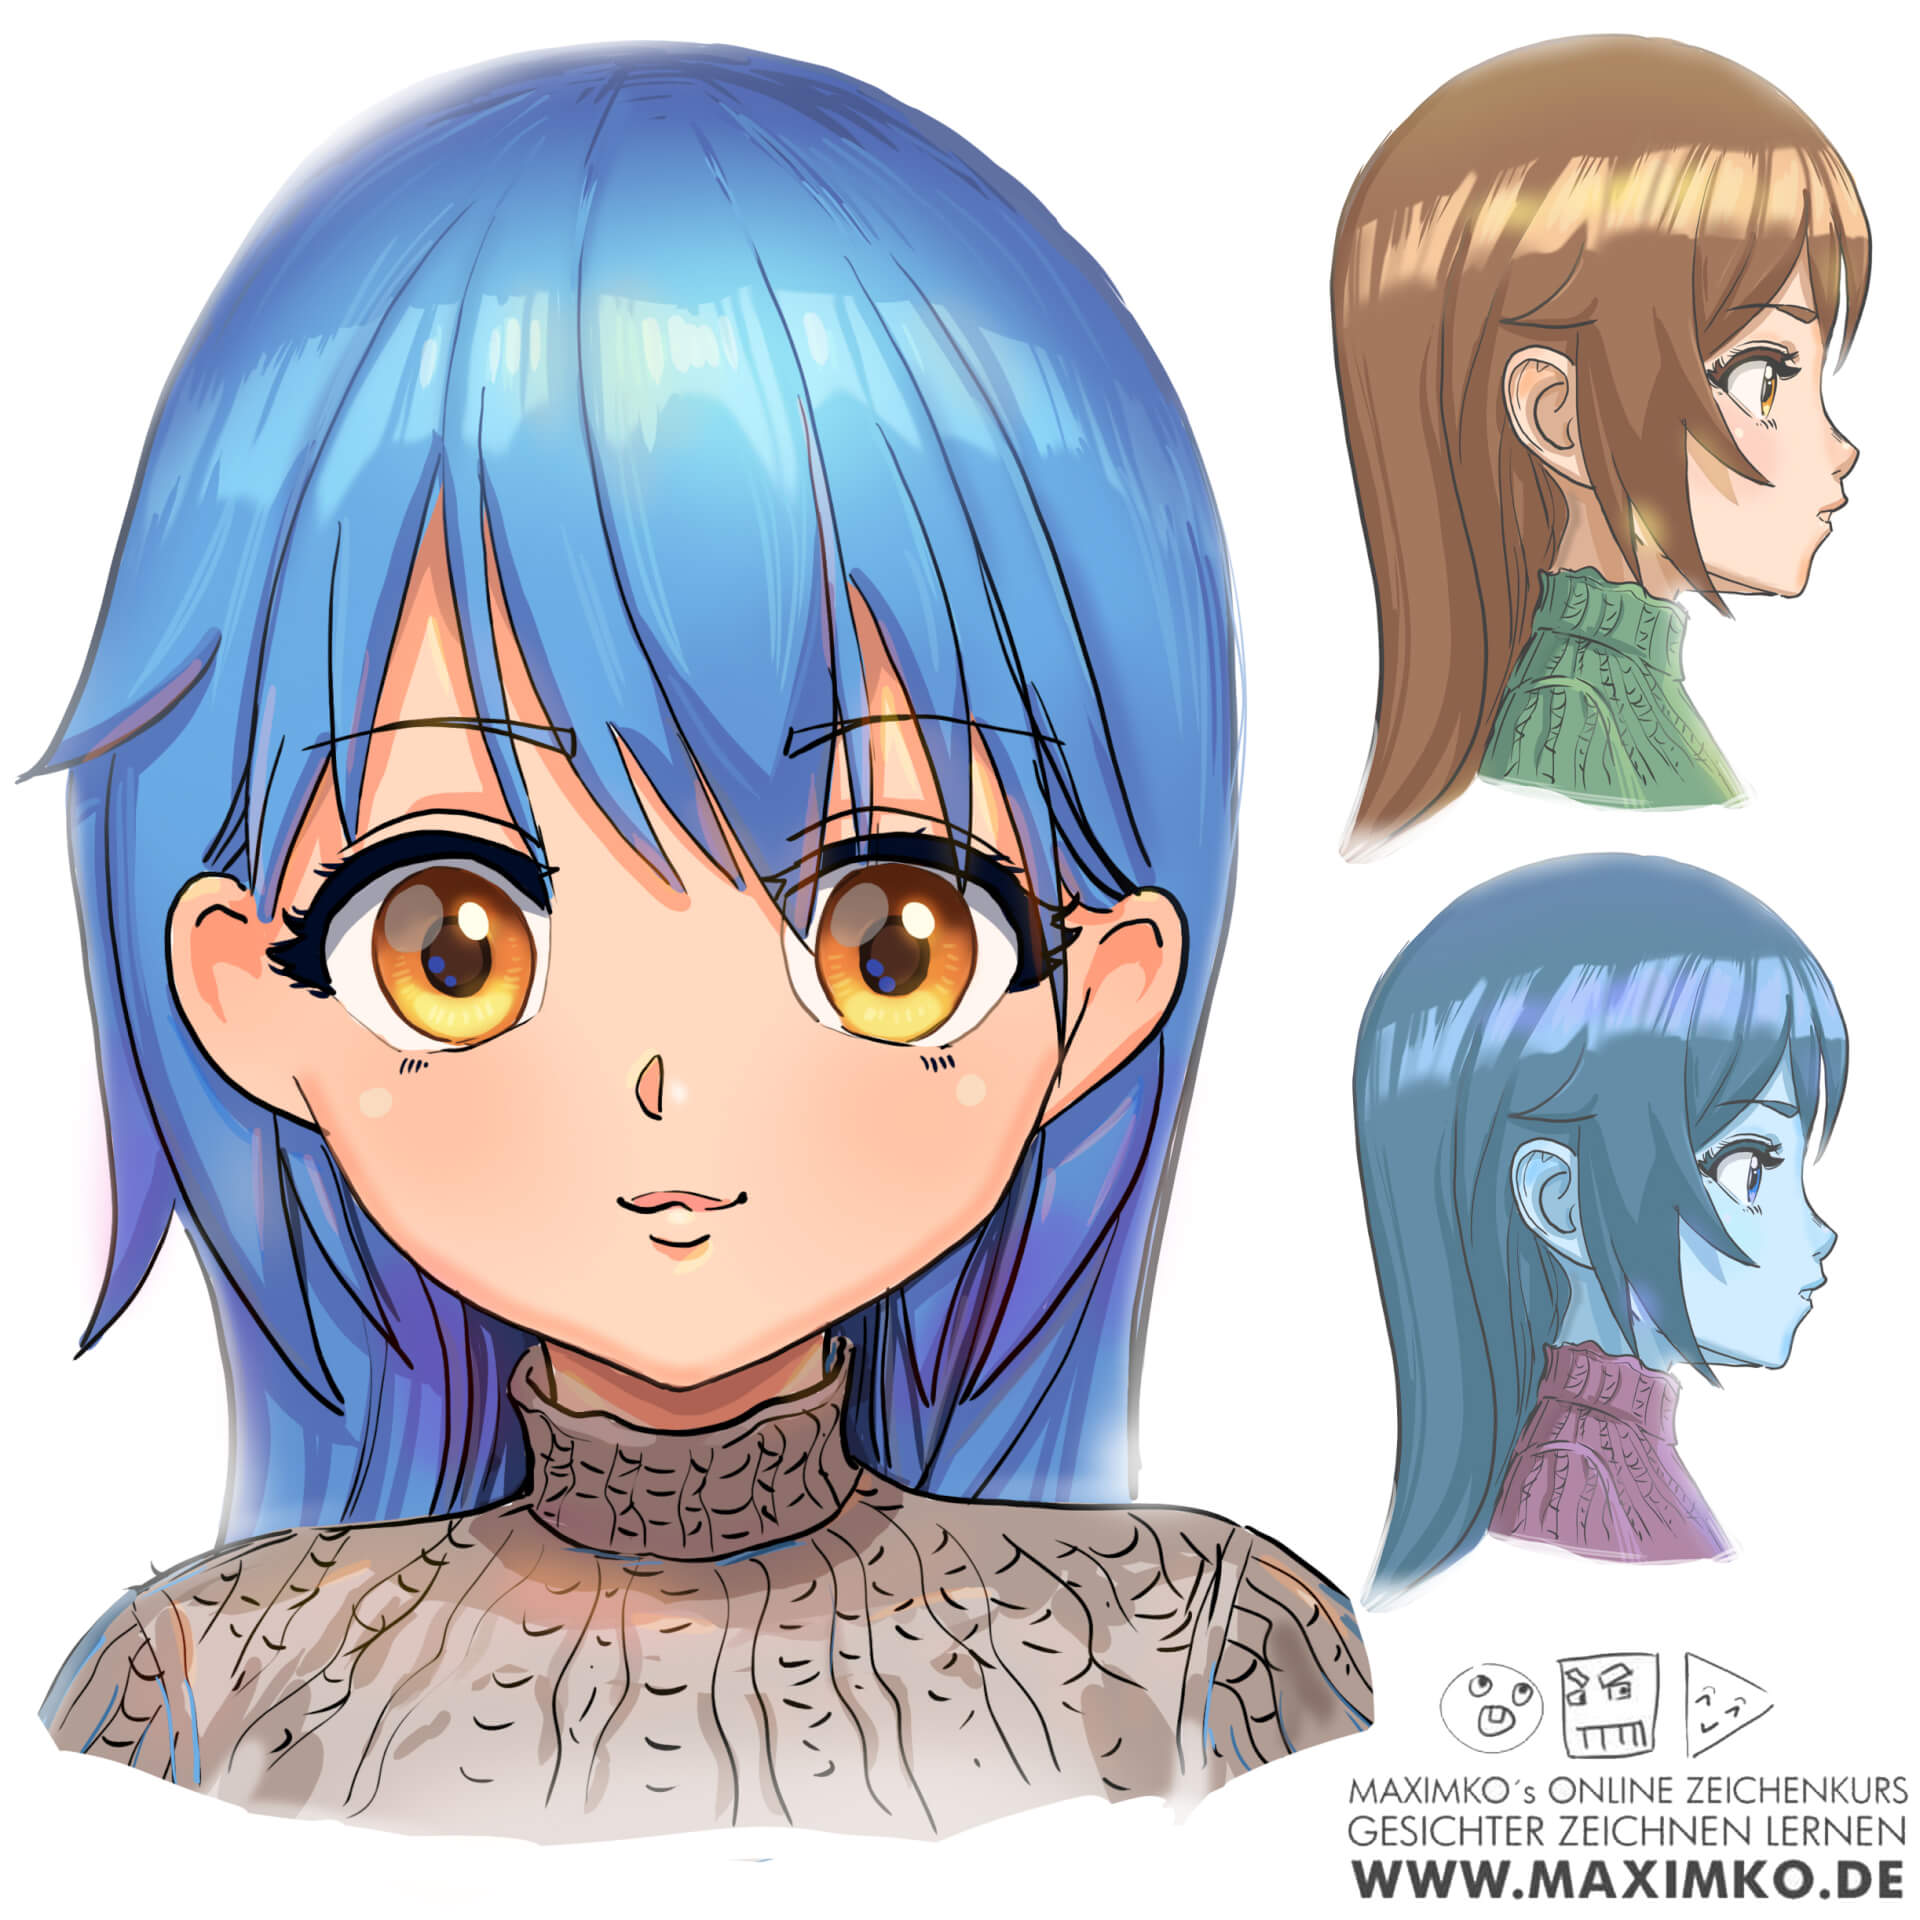 anime zeichnen für anfänger manga farbe digital procreate clipstudio paint photoshop tutorial kurs maximko